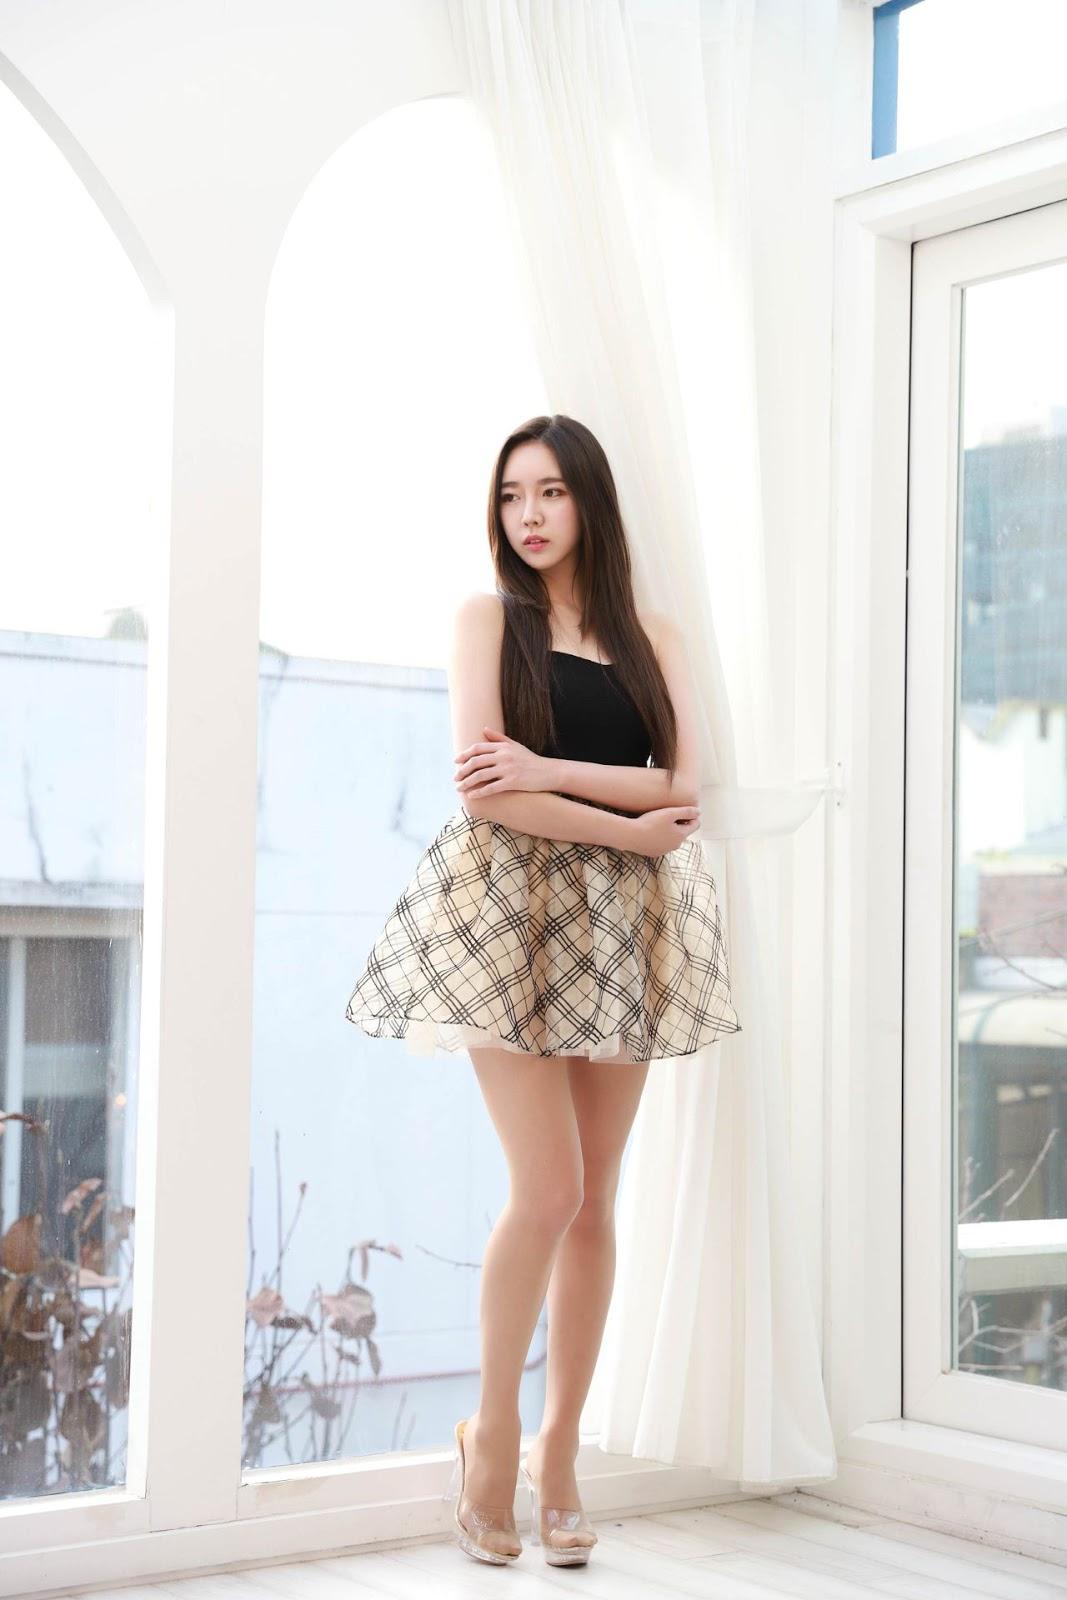 Image-Korean-Hot-Model-Go-Eun-Yang-Indoor-Photoshoot-Collection-TruePic.net- Picture-4